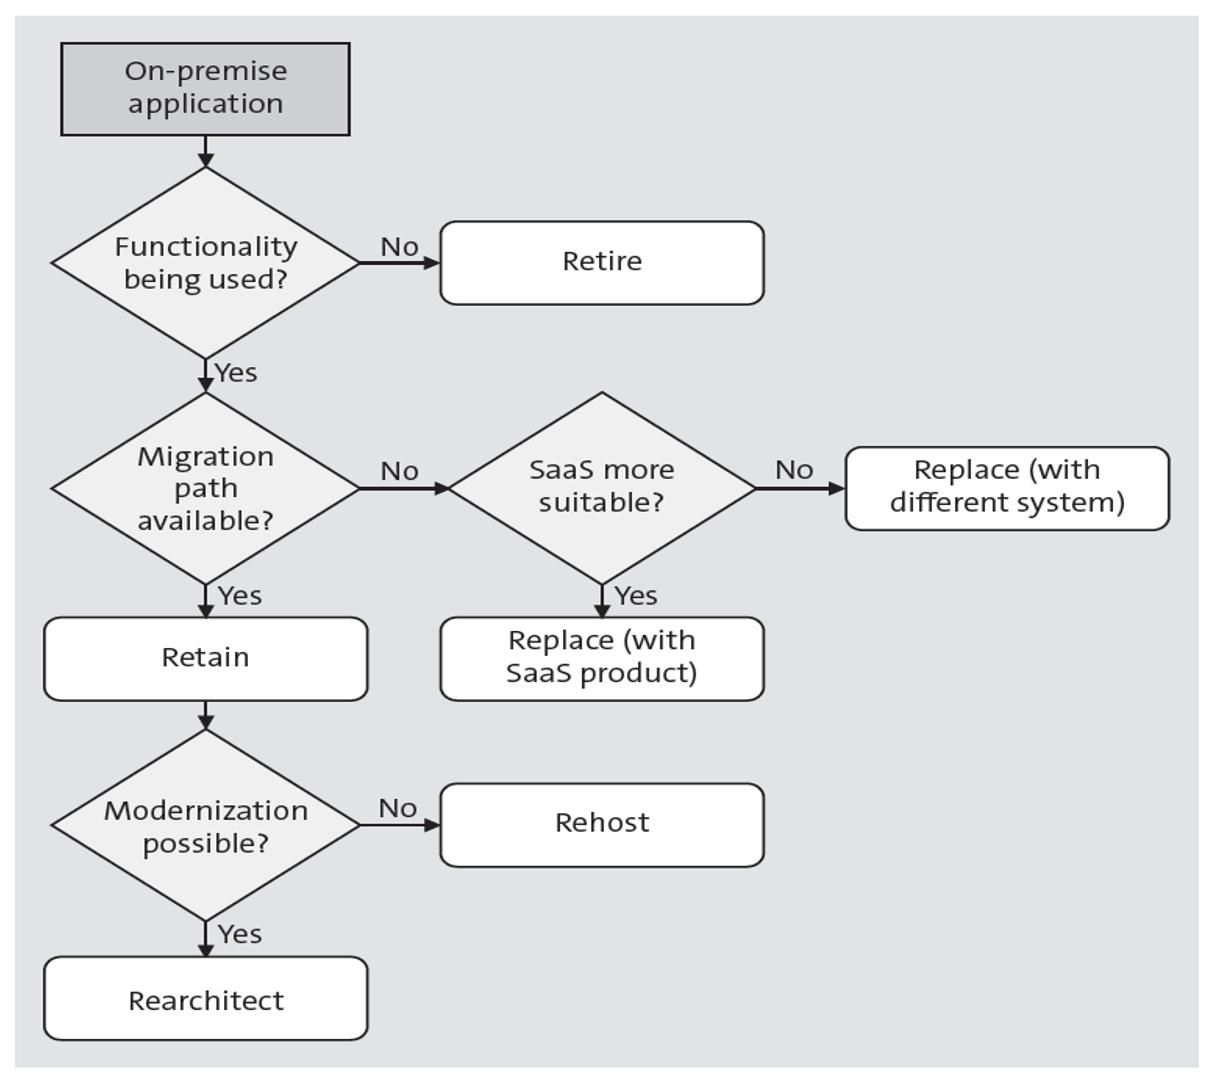 Decision Flow for Cloud Rationalization